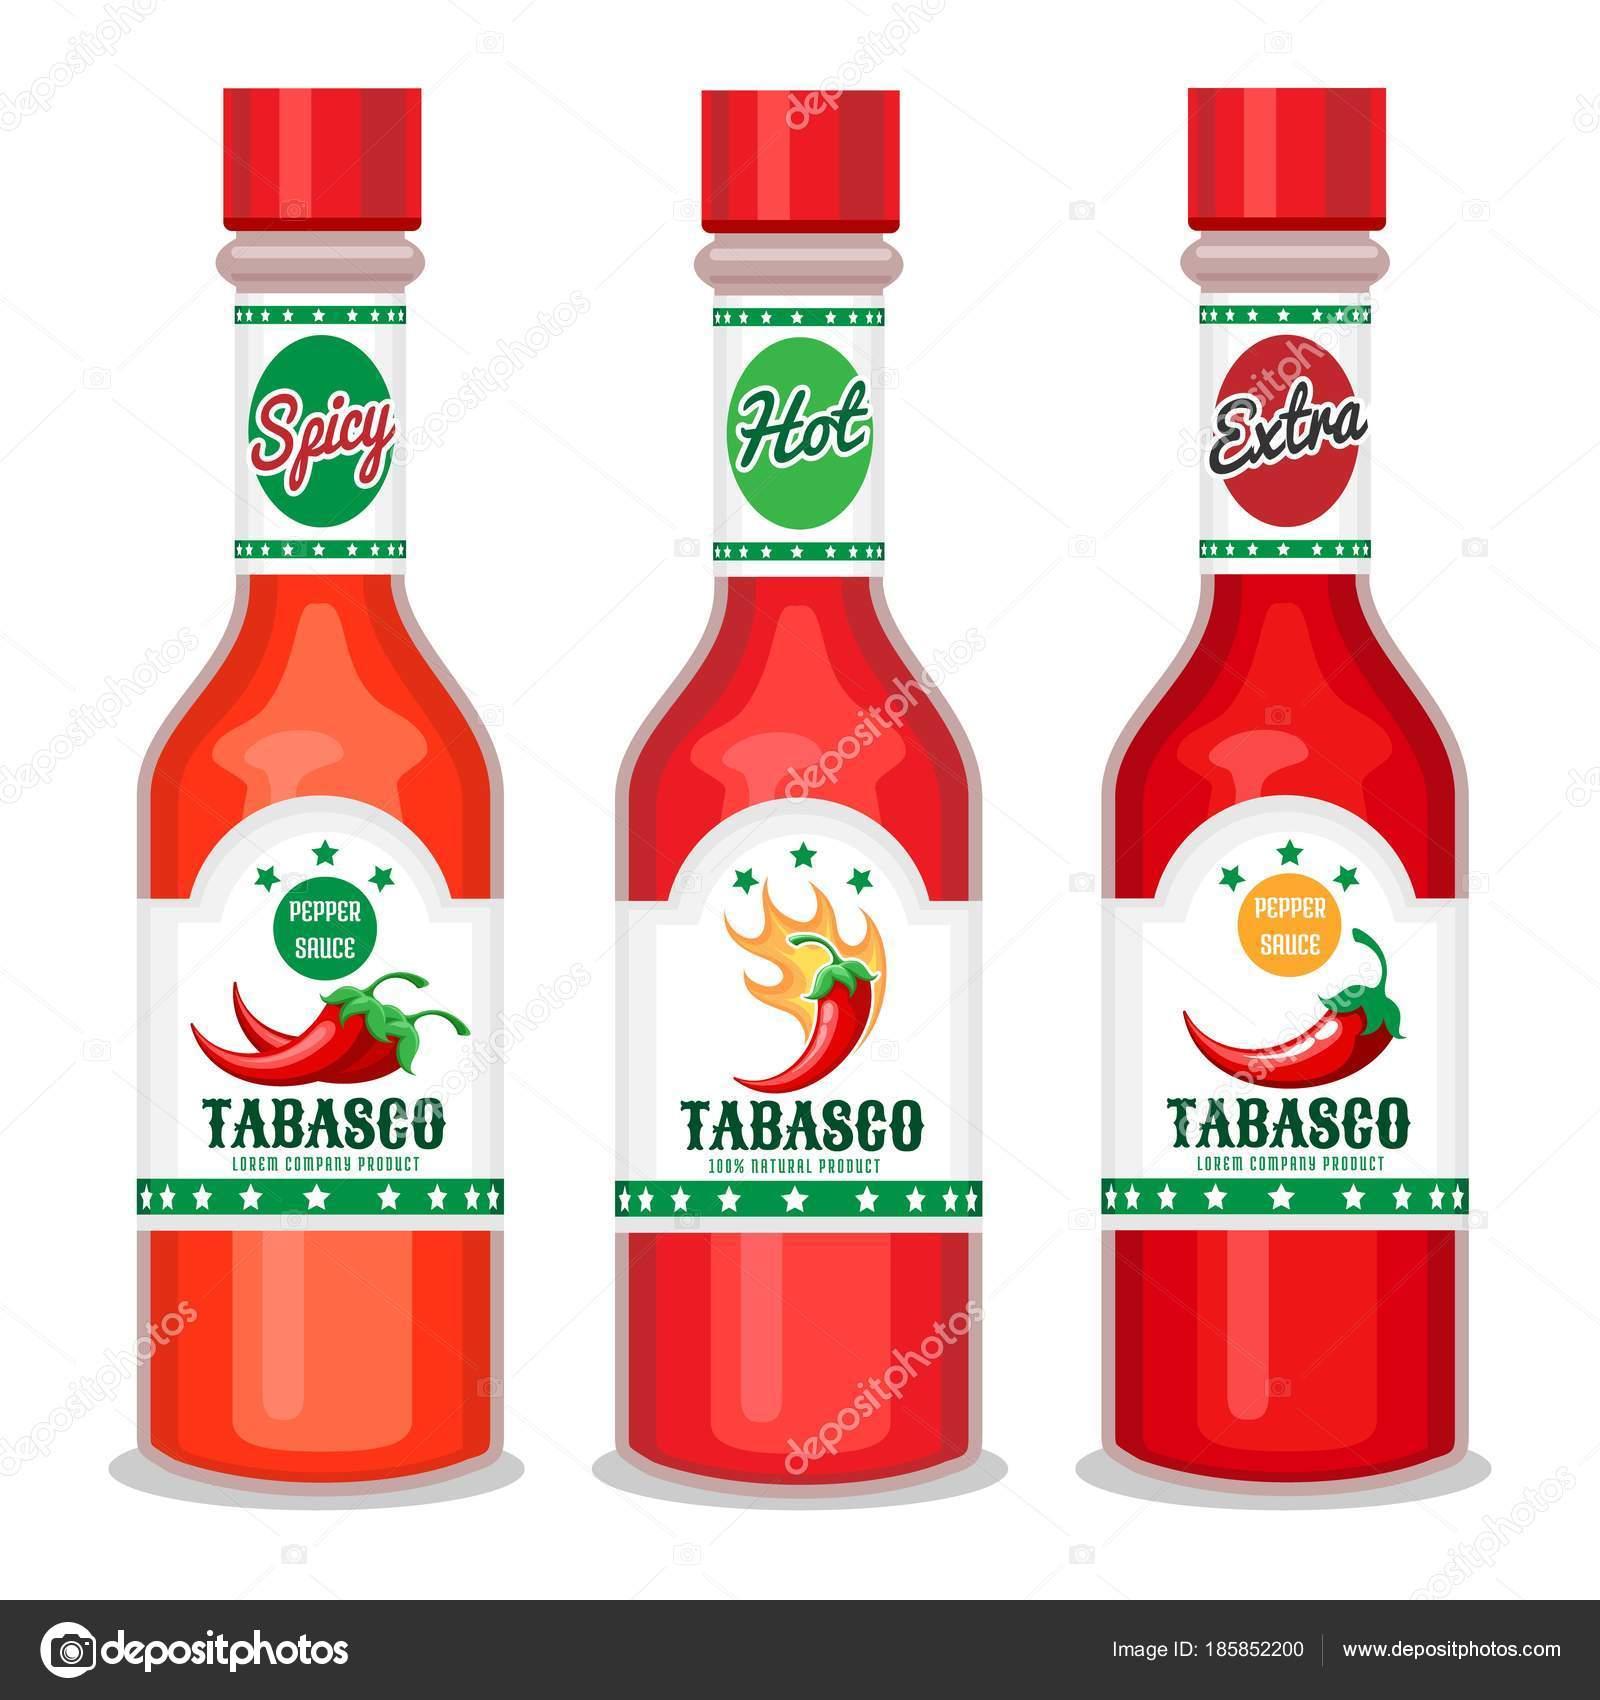 Tabasco sosu nedir